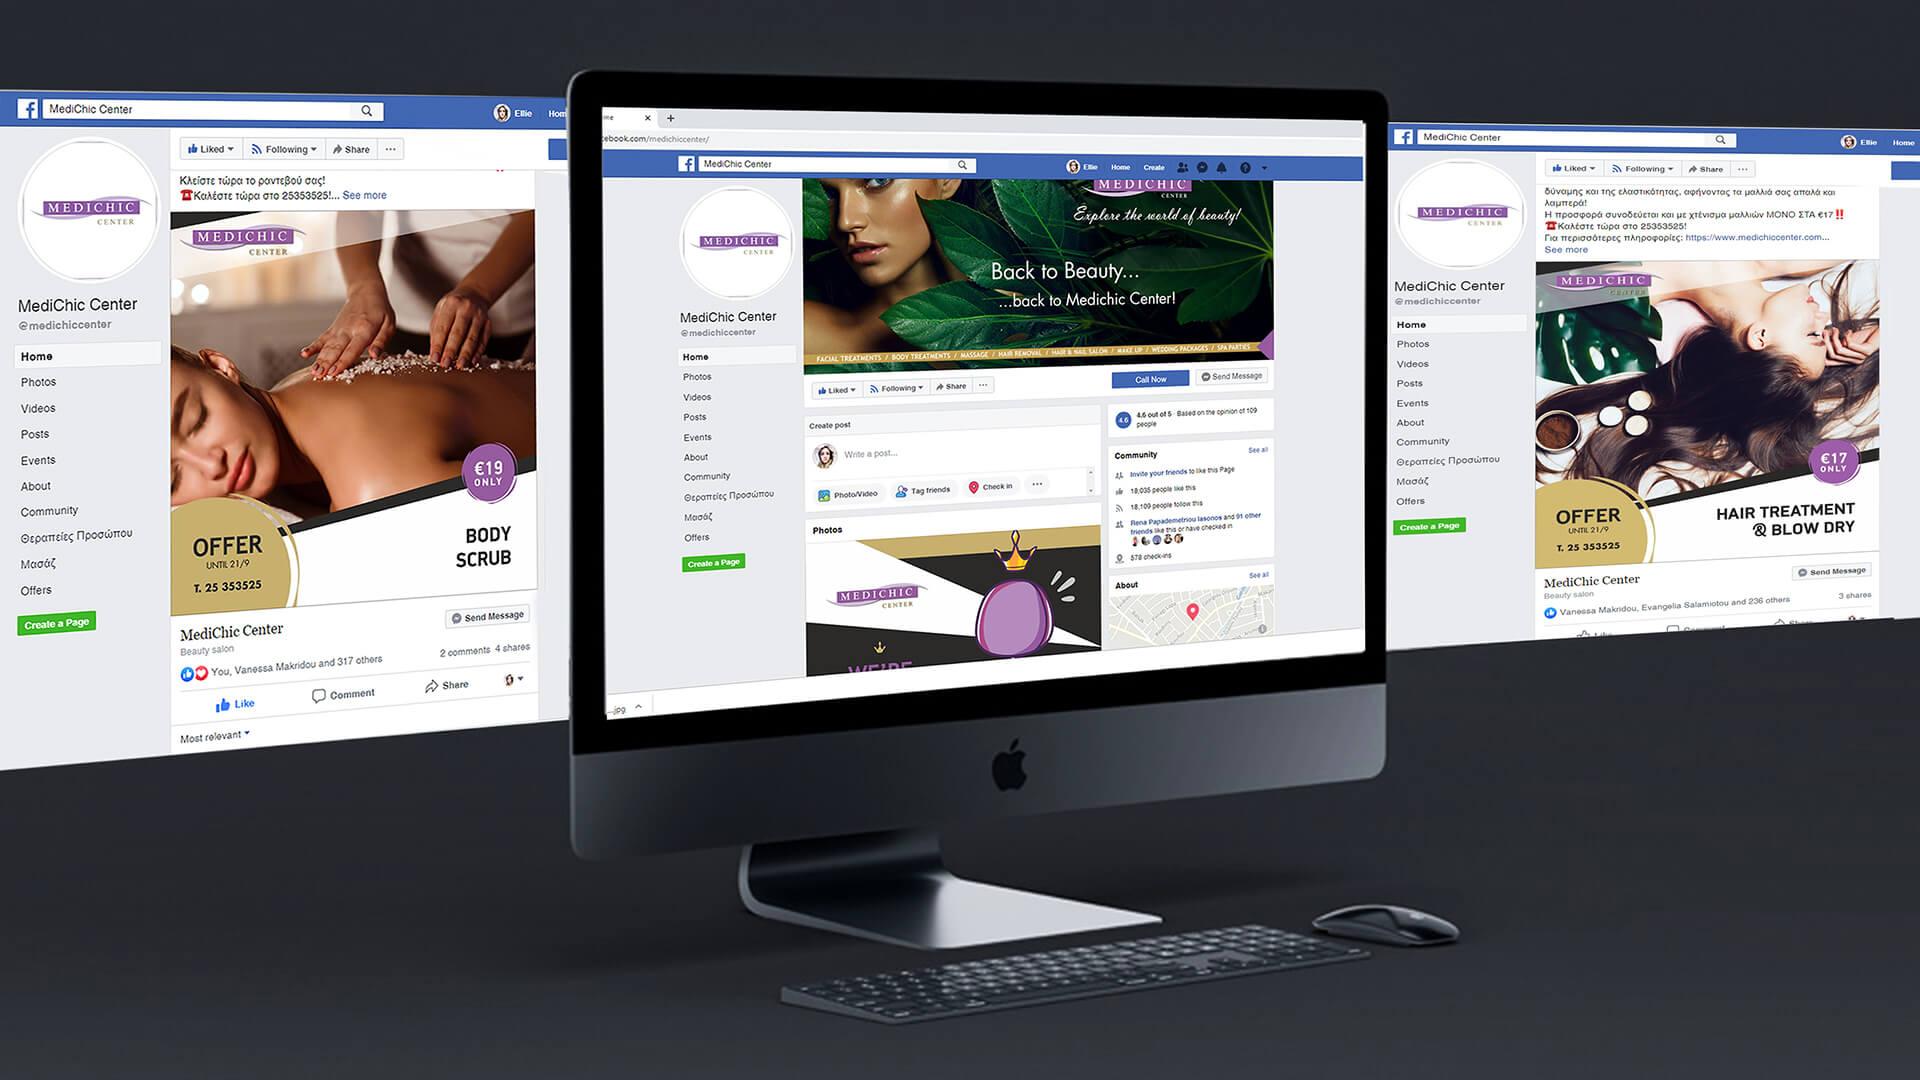 Medichic Center Social Media Management